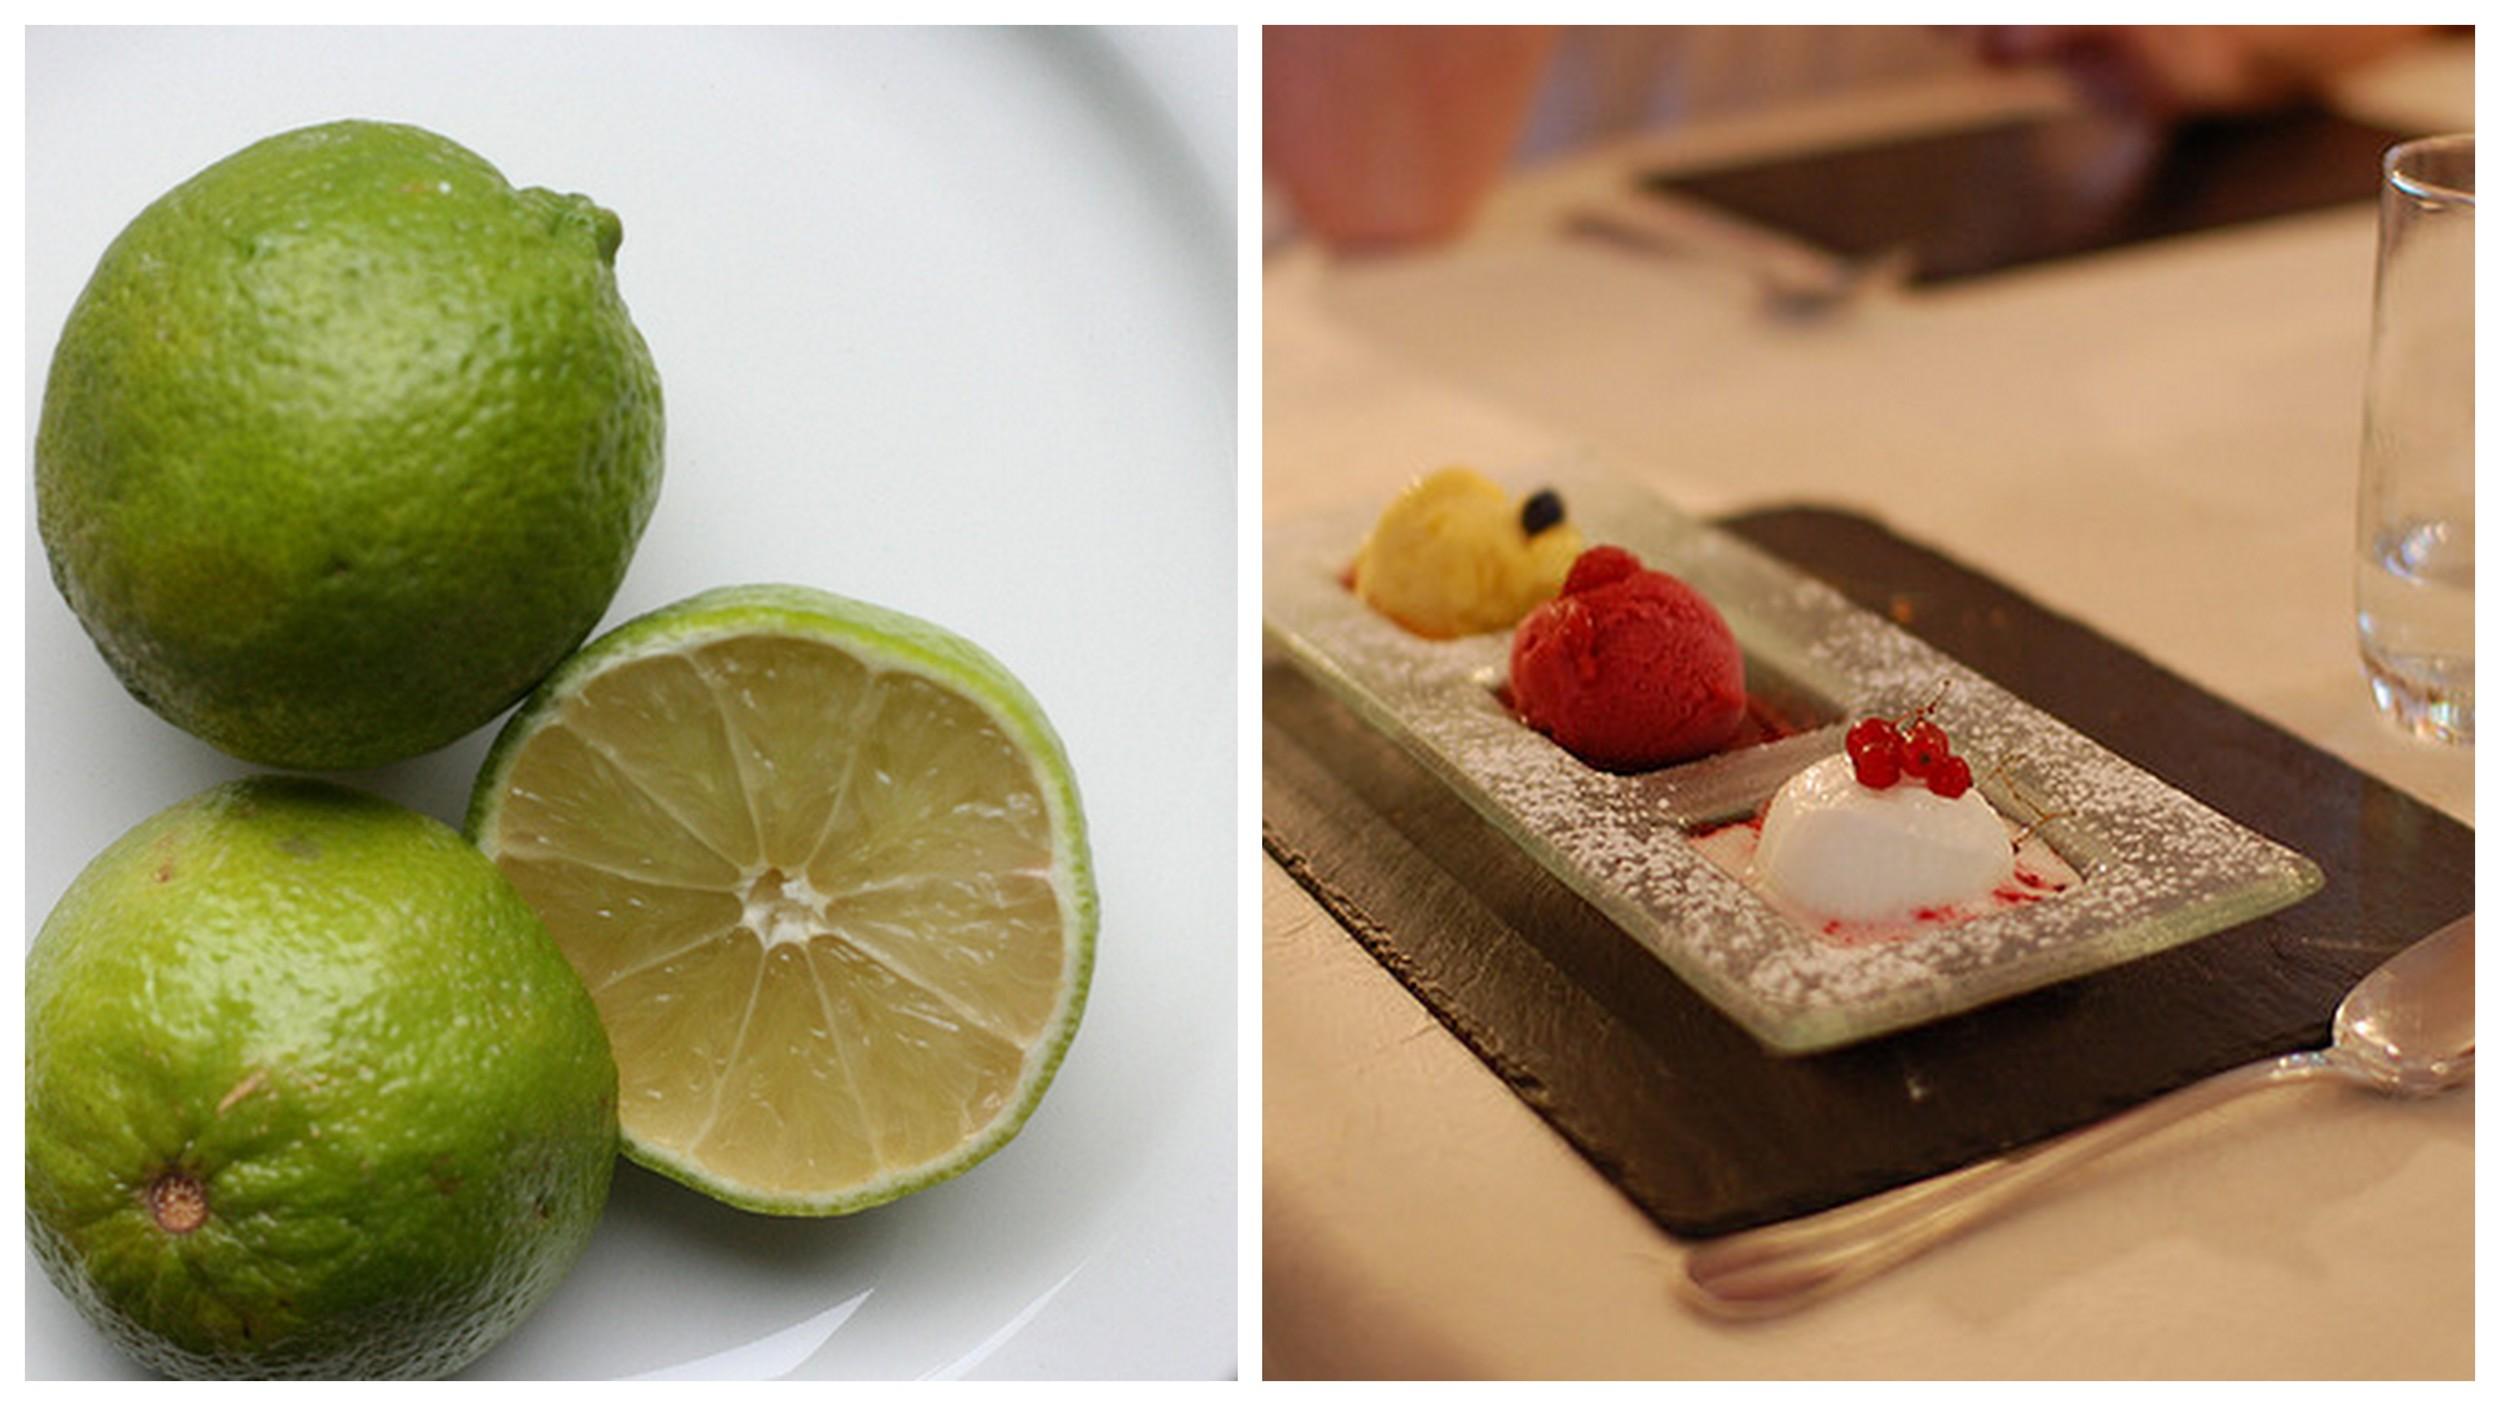 Limes  and  sorbet .